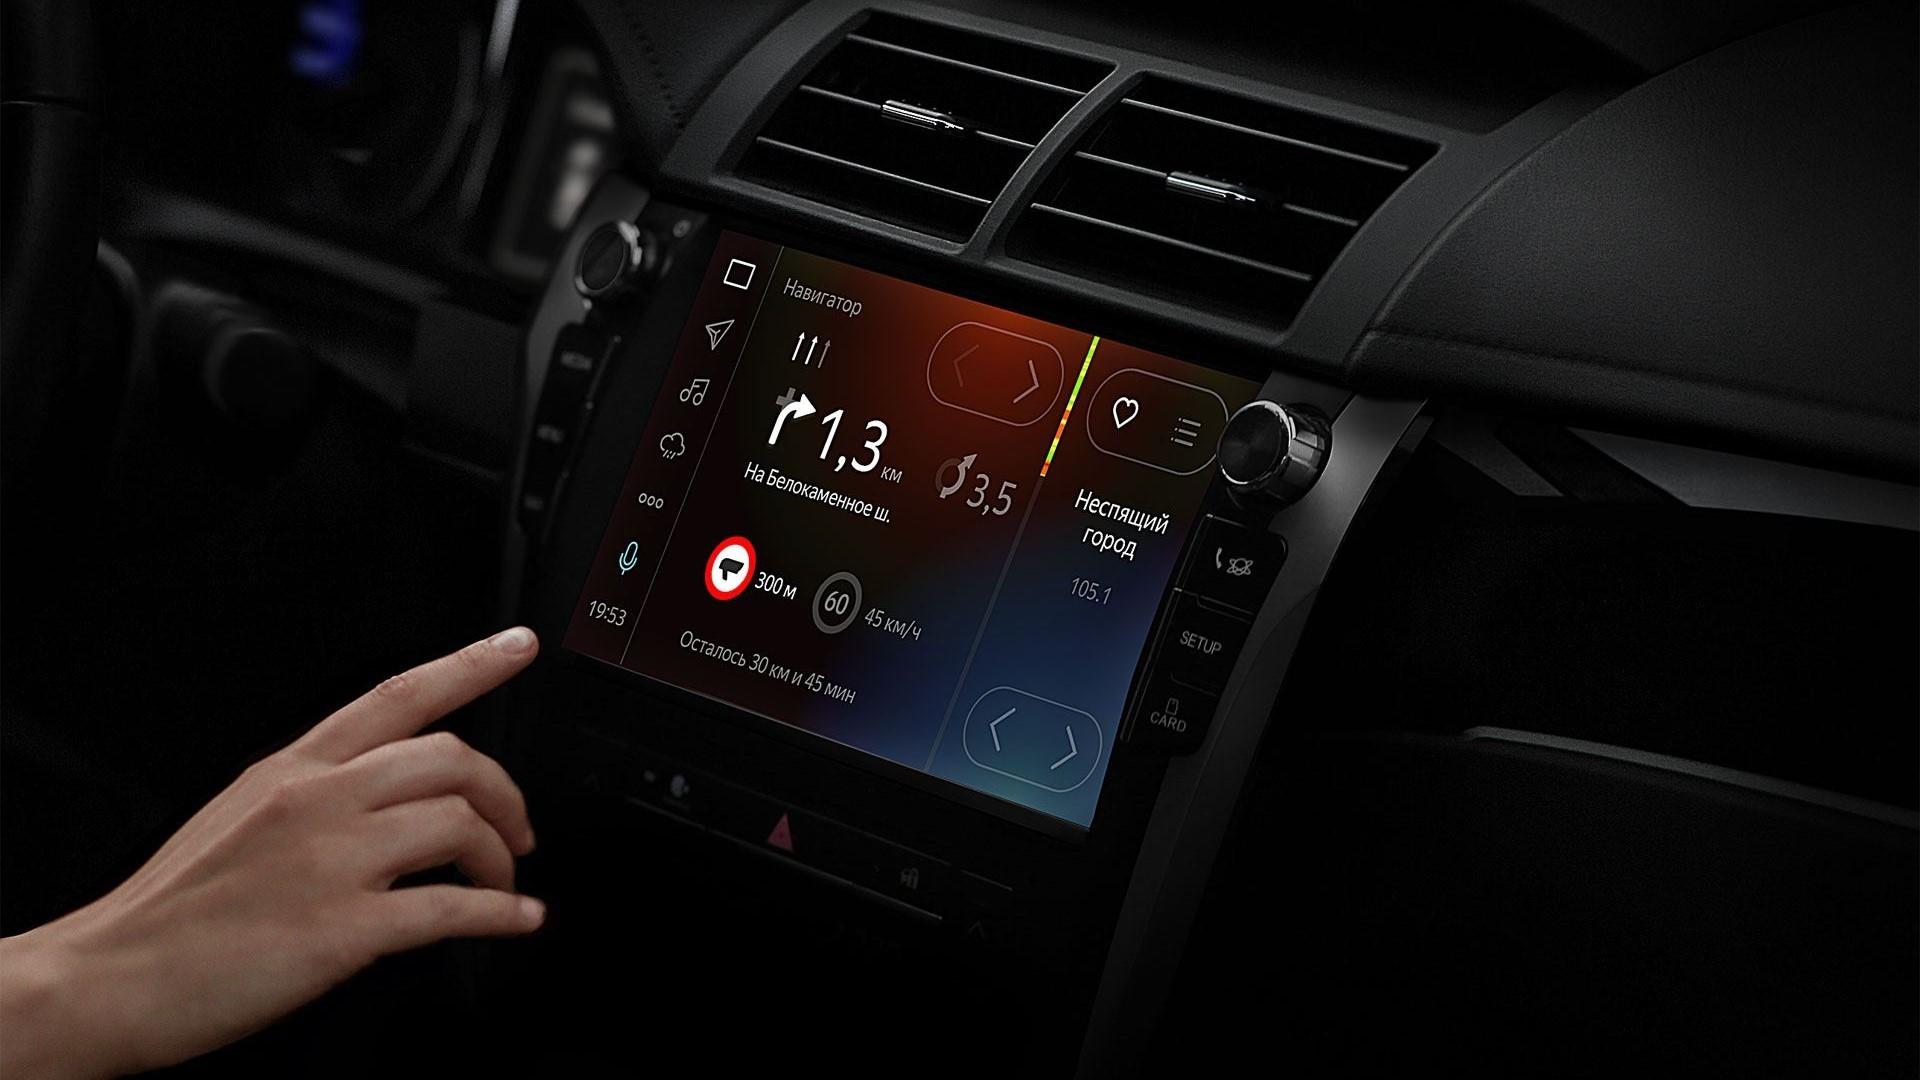 «Яндекс.Авто» появится в автомобилях фирменного каршеринга «Драйв»